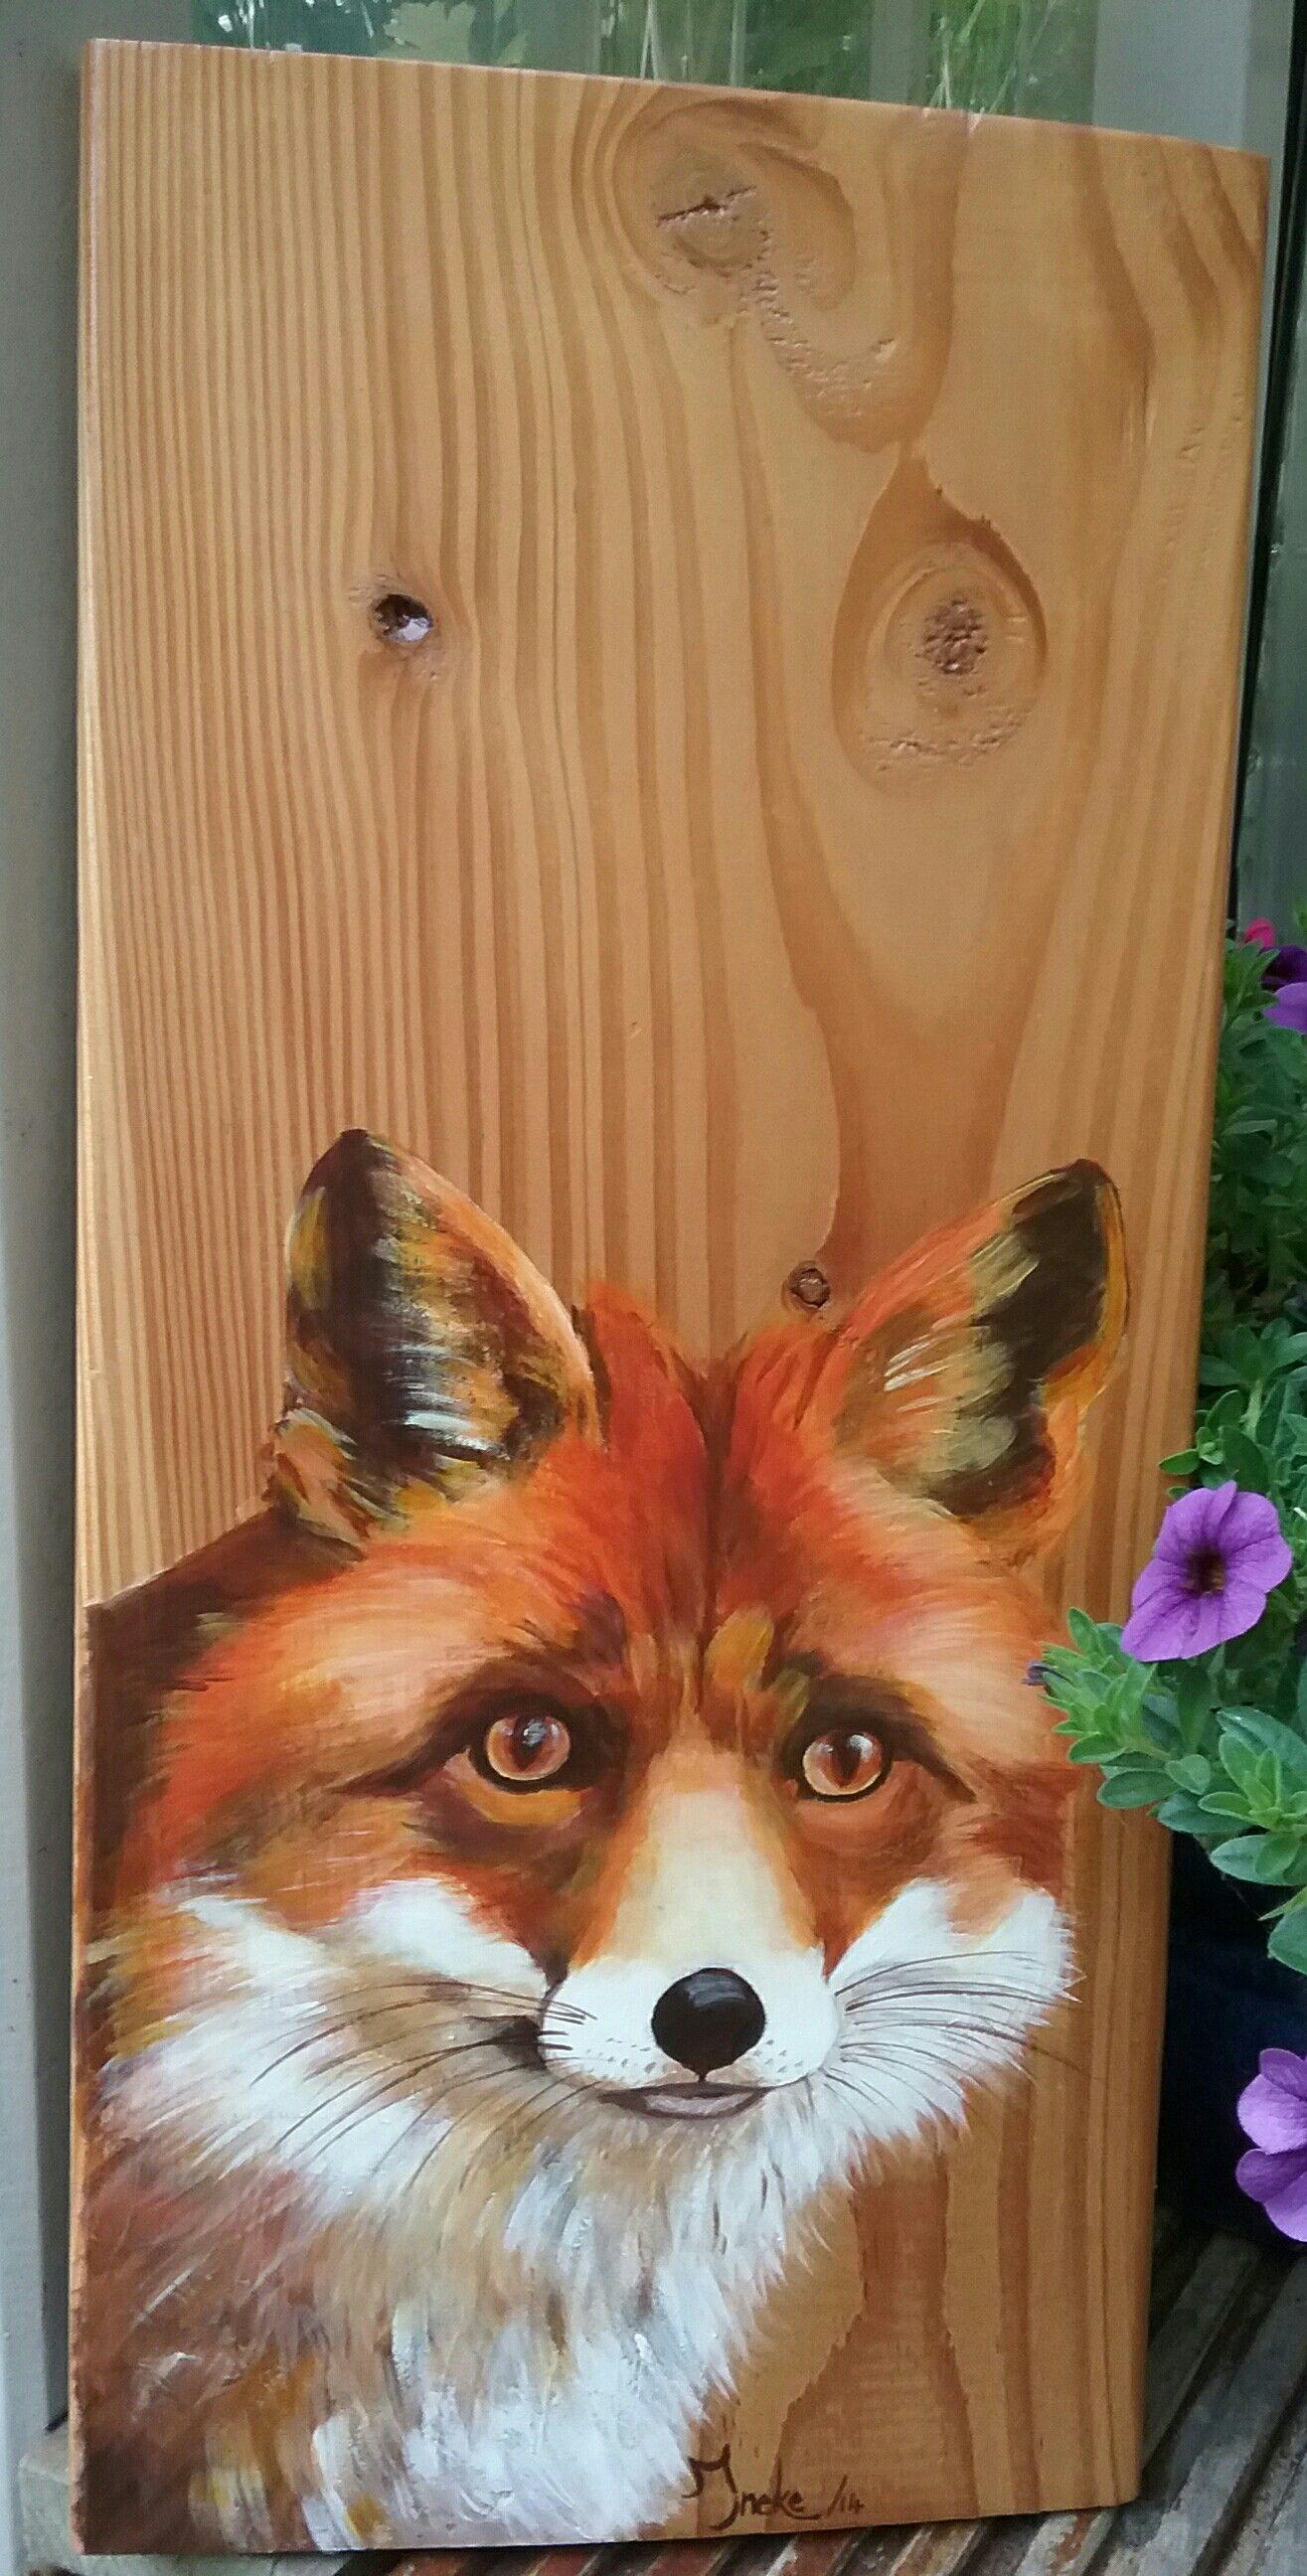 Spiksplinternieuw Vrouwtjes vos met acryl geschilderd op larixhout door Ineke Nolles ND-56